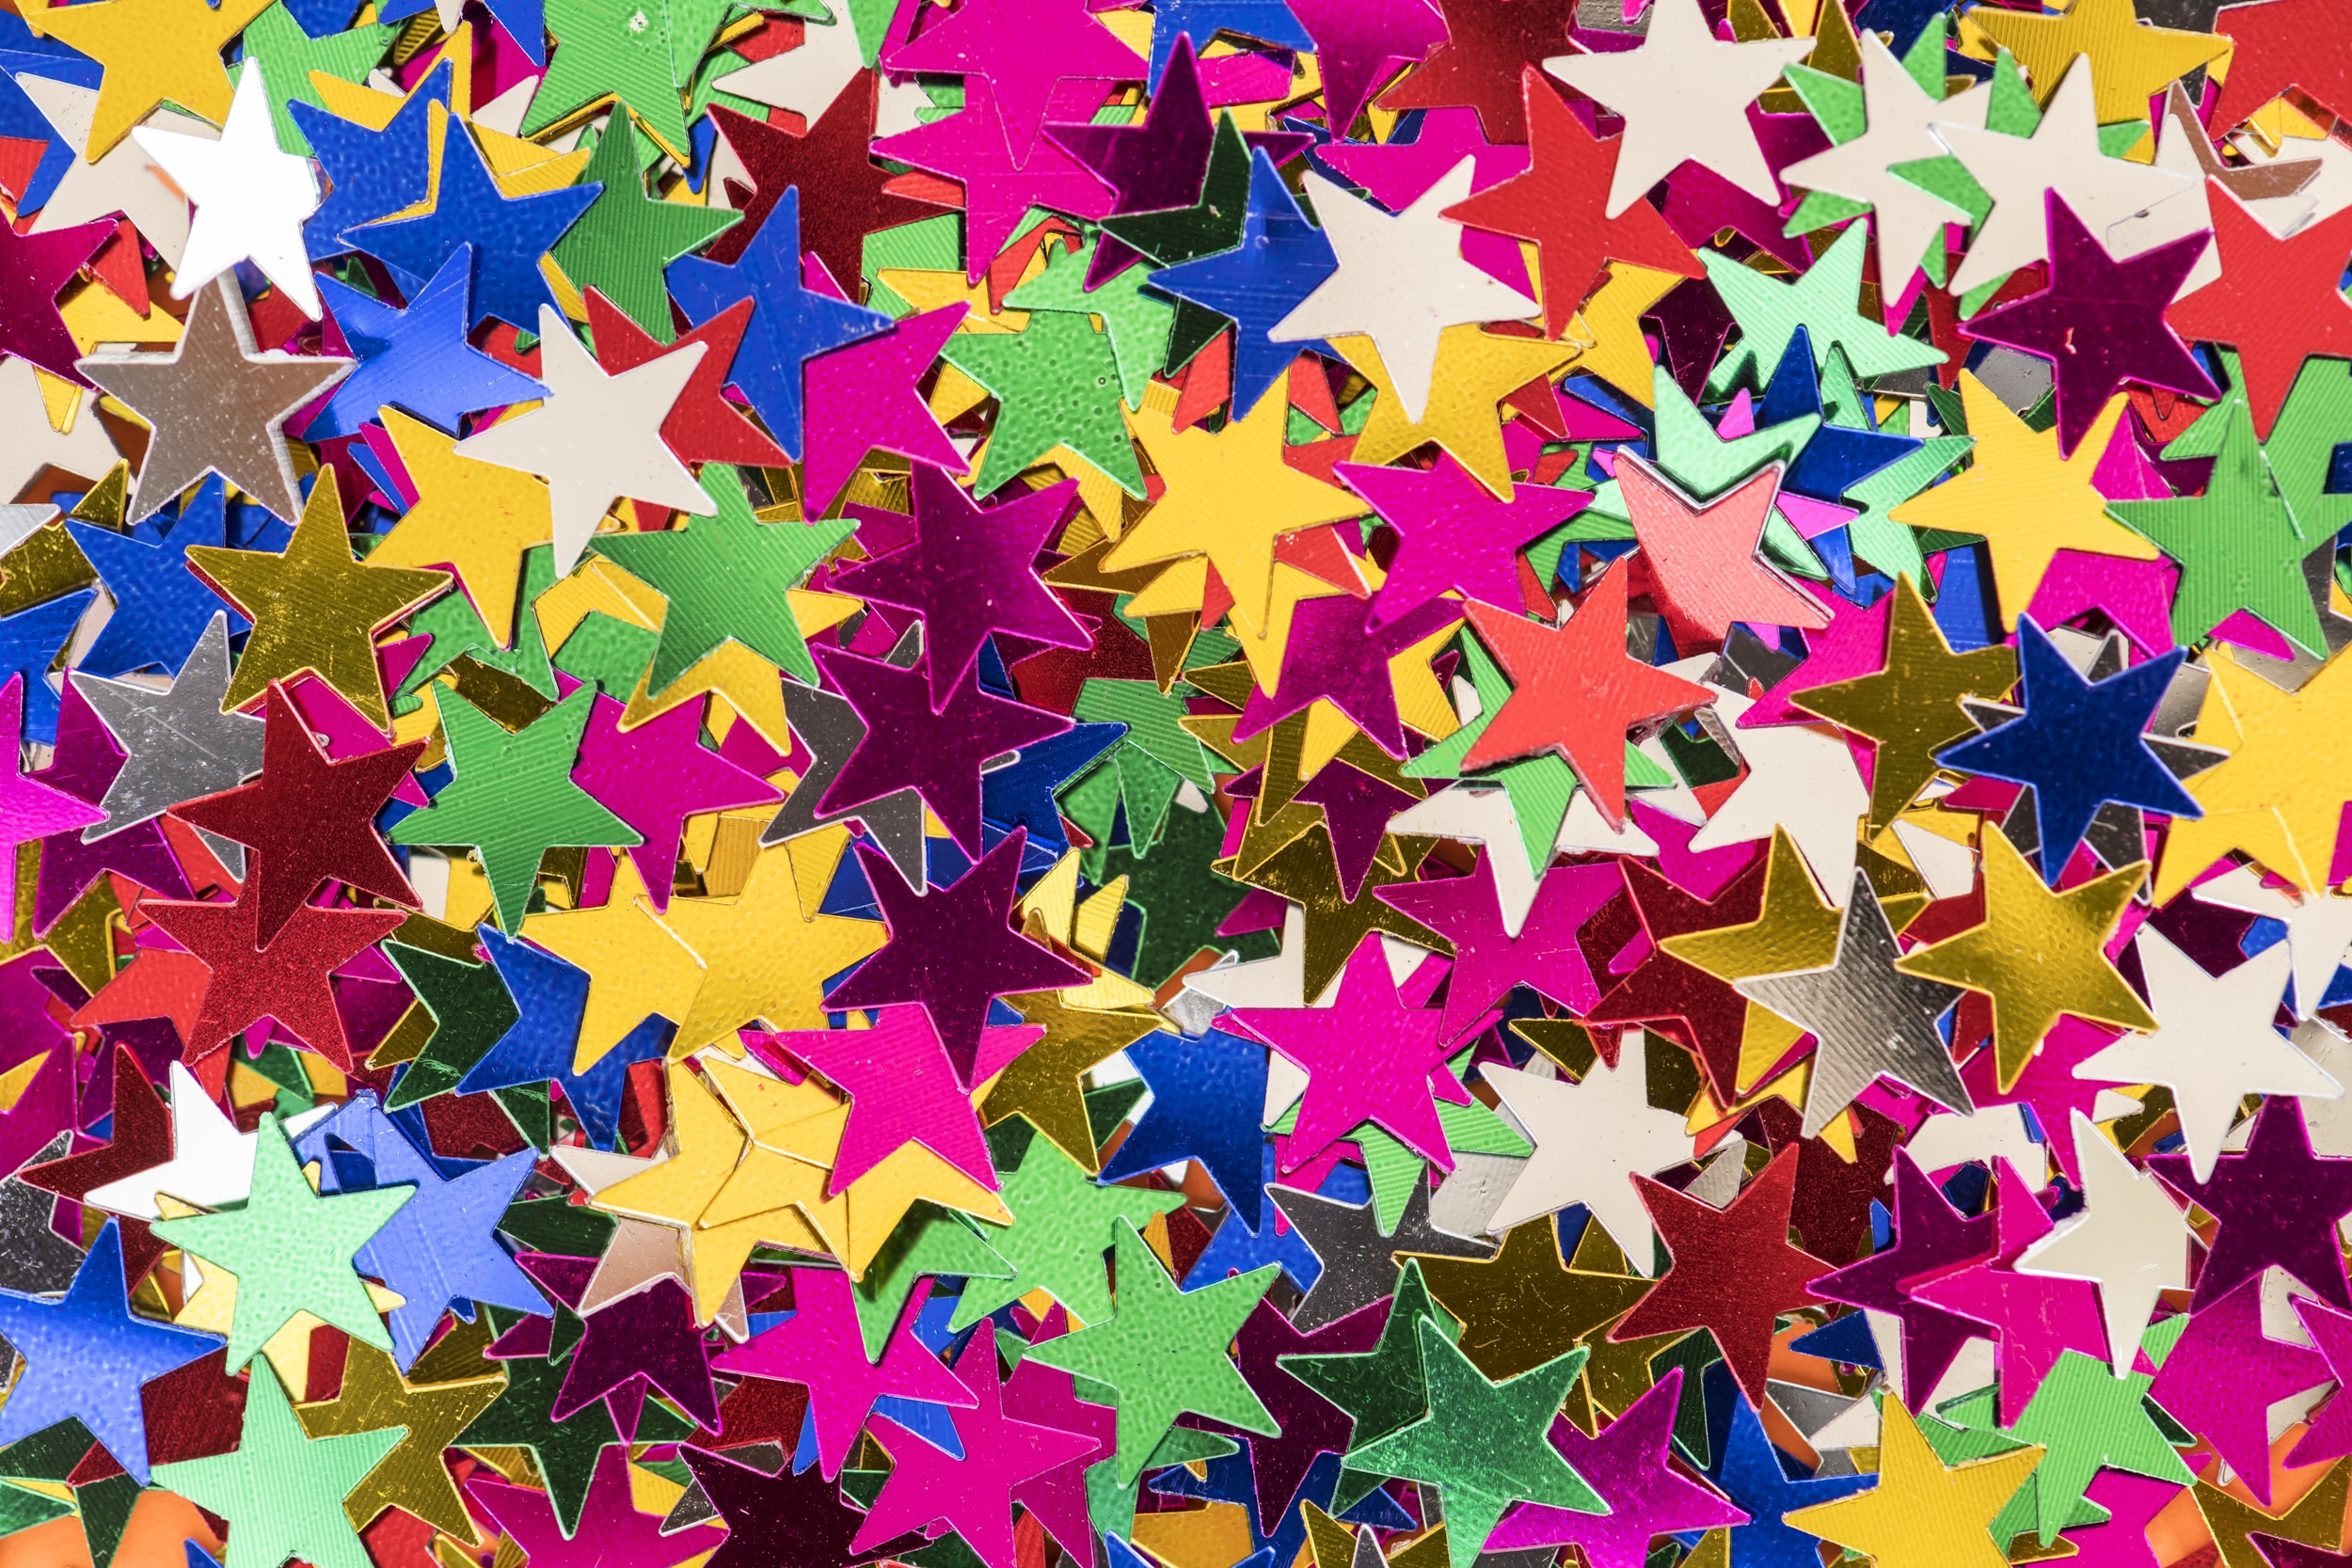 multi-colored star decors